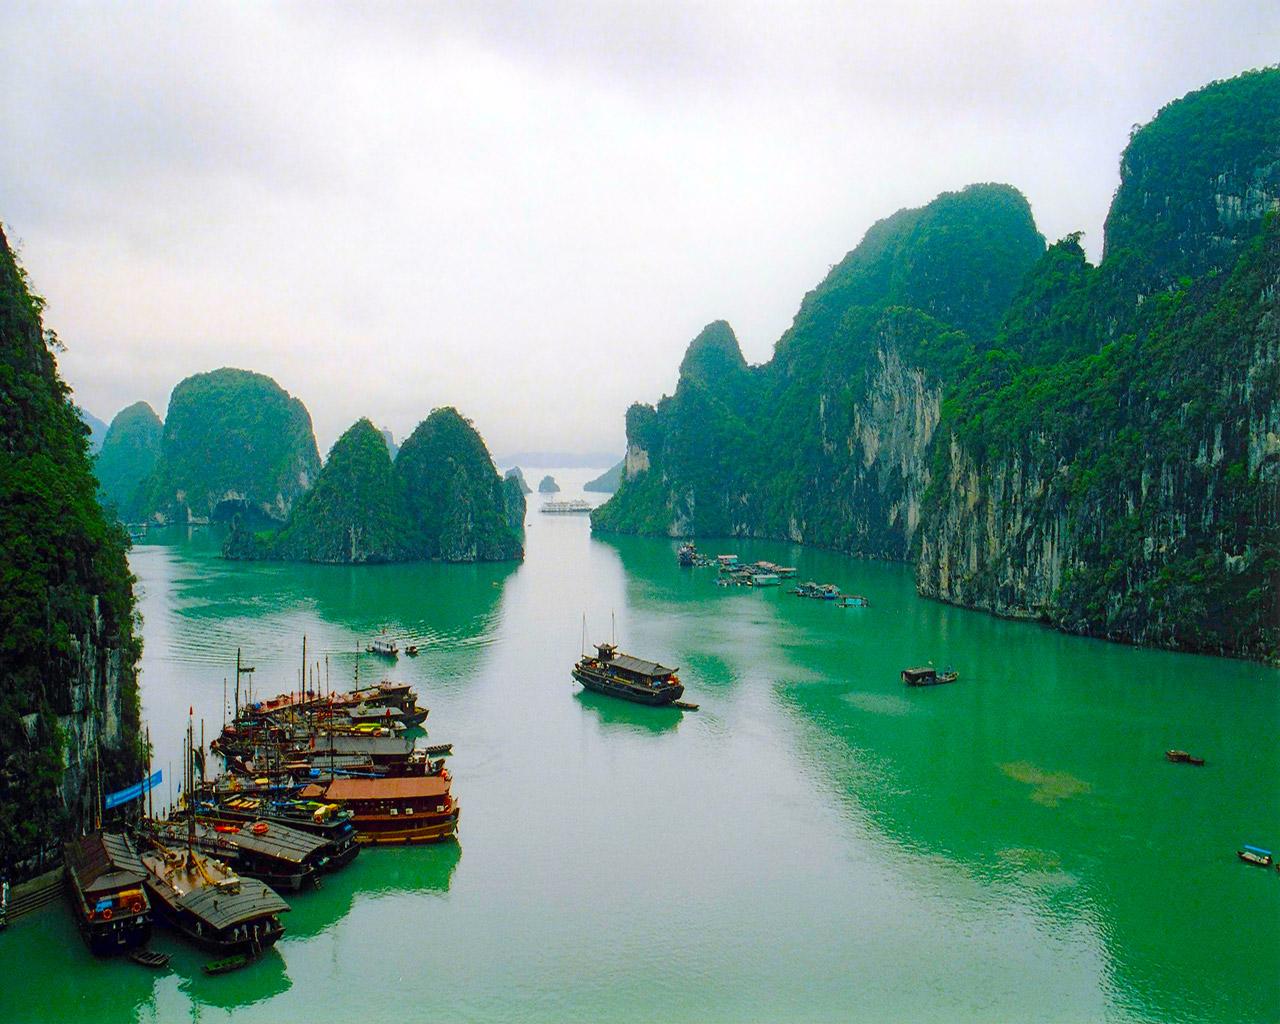 vietnam_1280_992p7ih9j.jpg